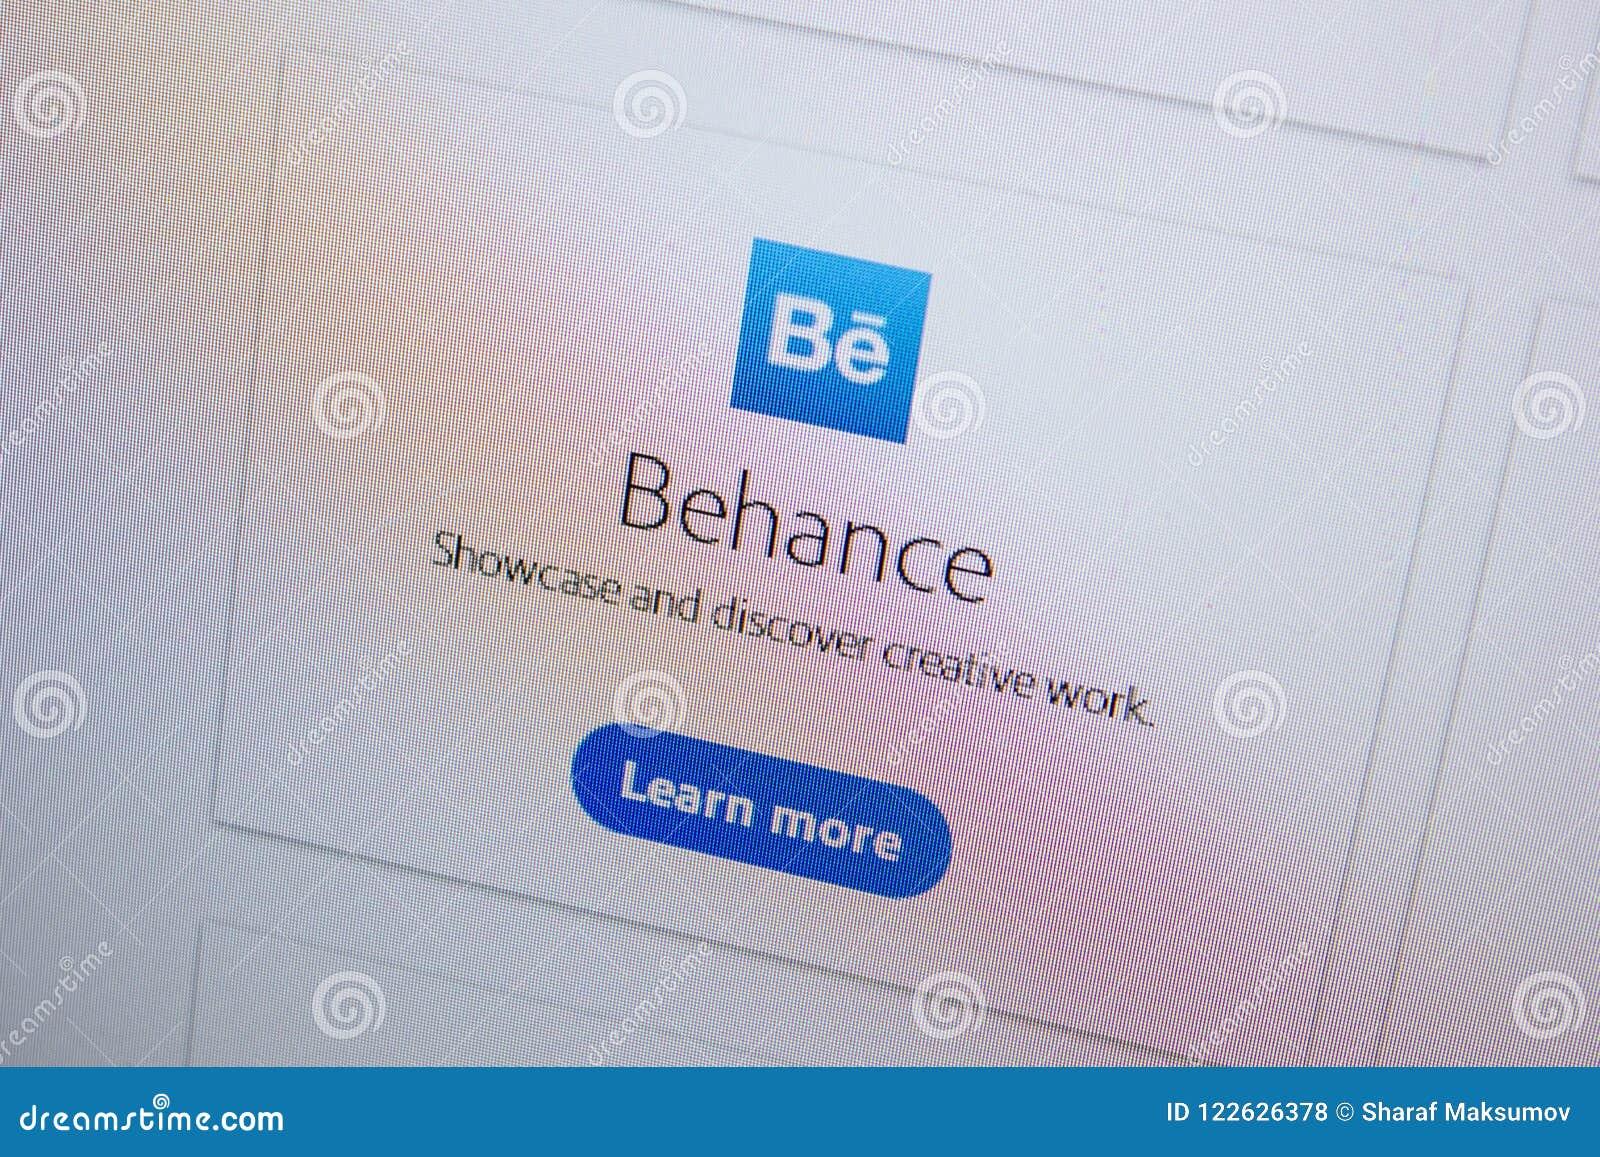 Ryazan, Russia - July 11, 2018: Adobe Behance, Software Logo On The